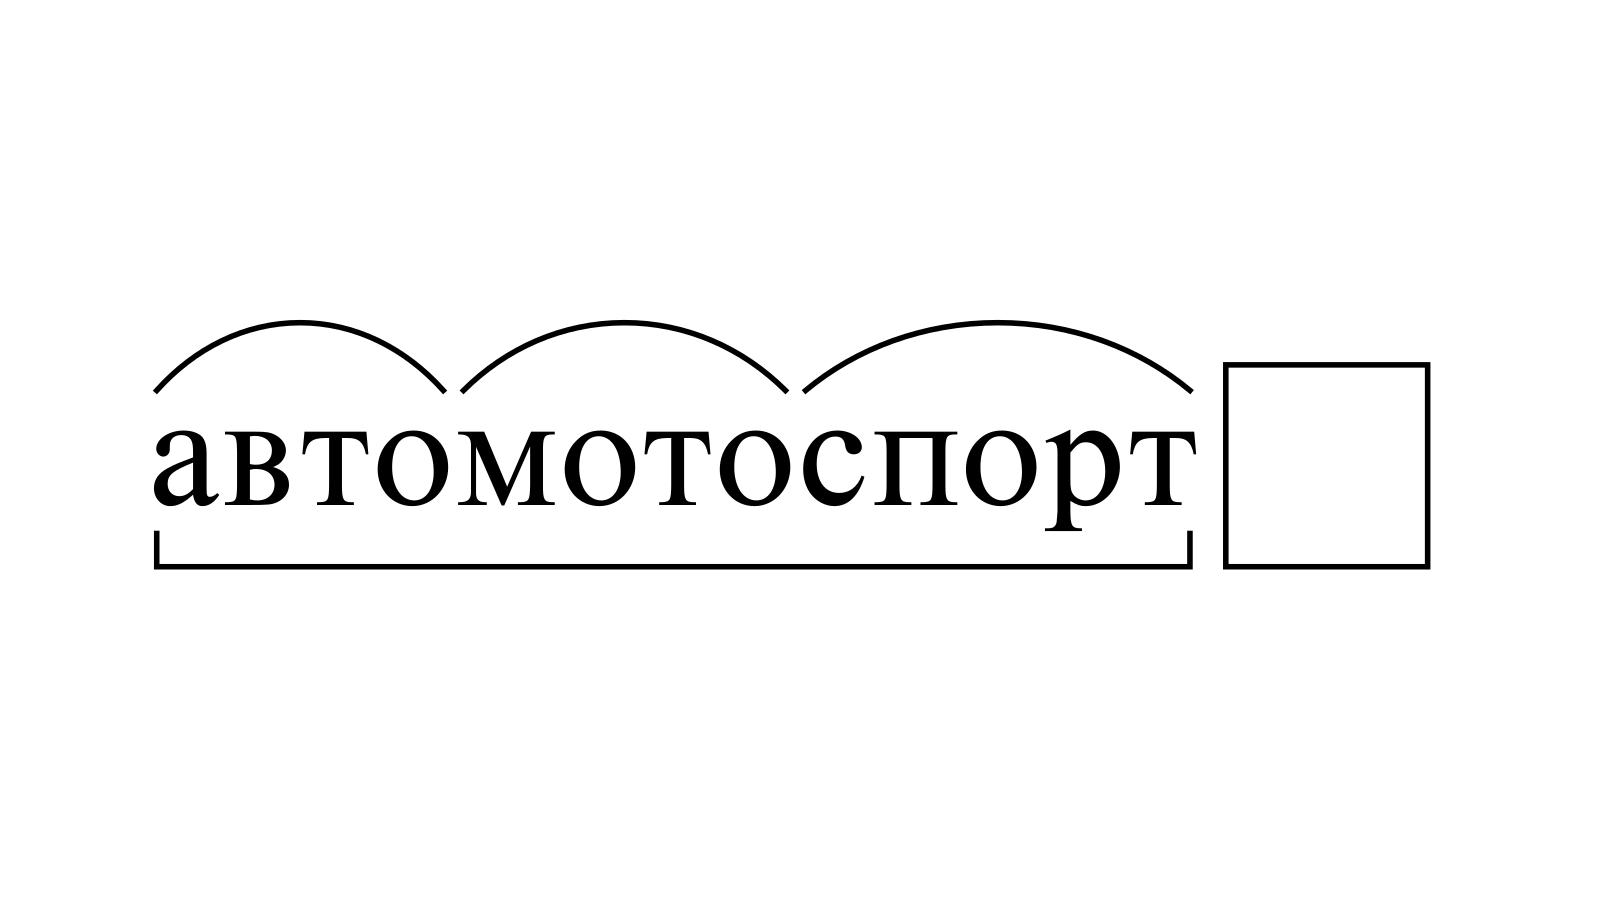 Разбор слова «автомотоспорт» по составу